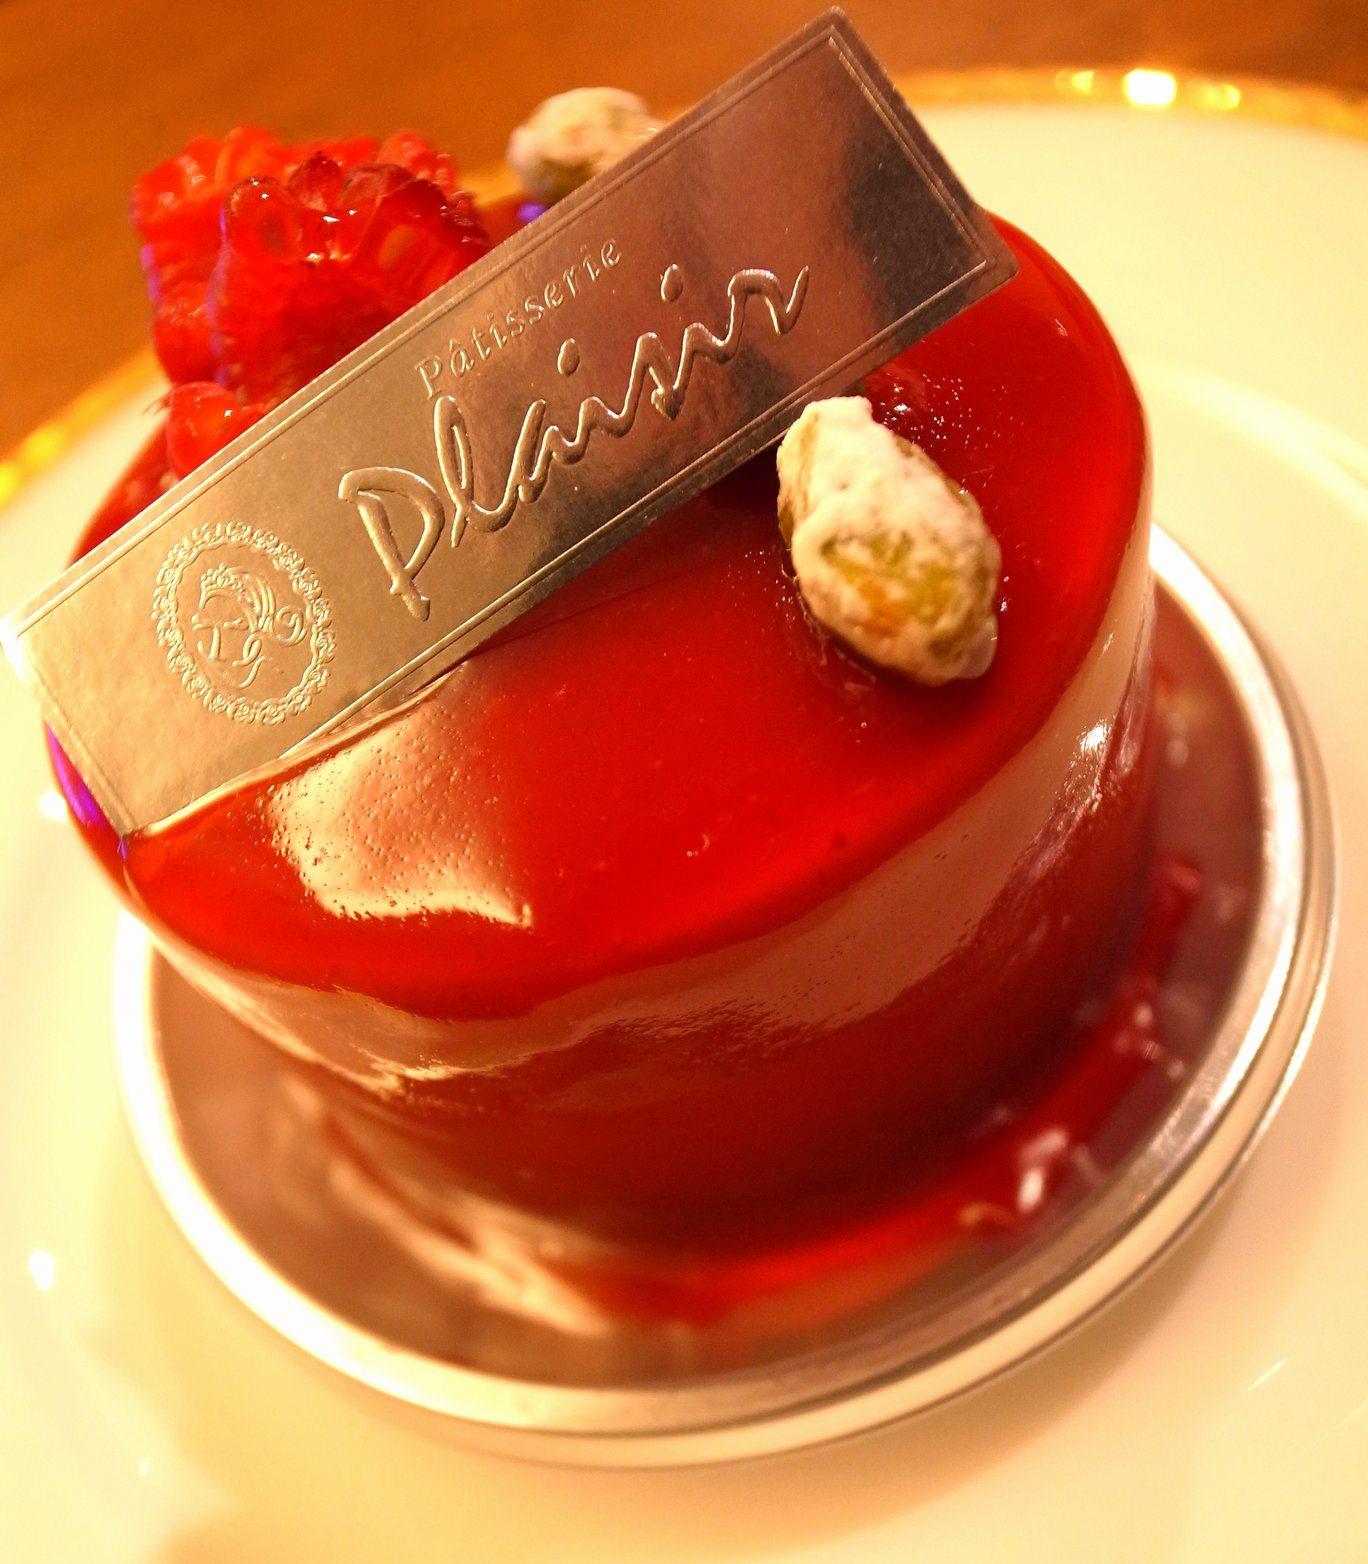 またまた、「プレジール(Plaisir)」のケーキ 【太子堂】